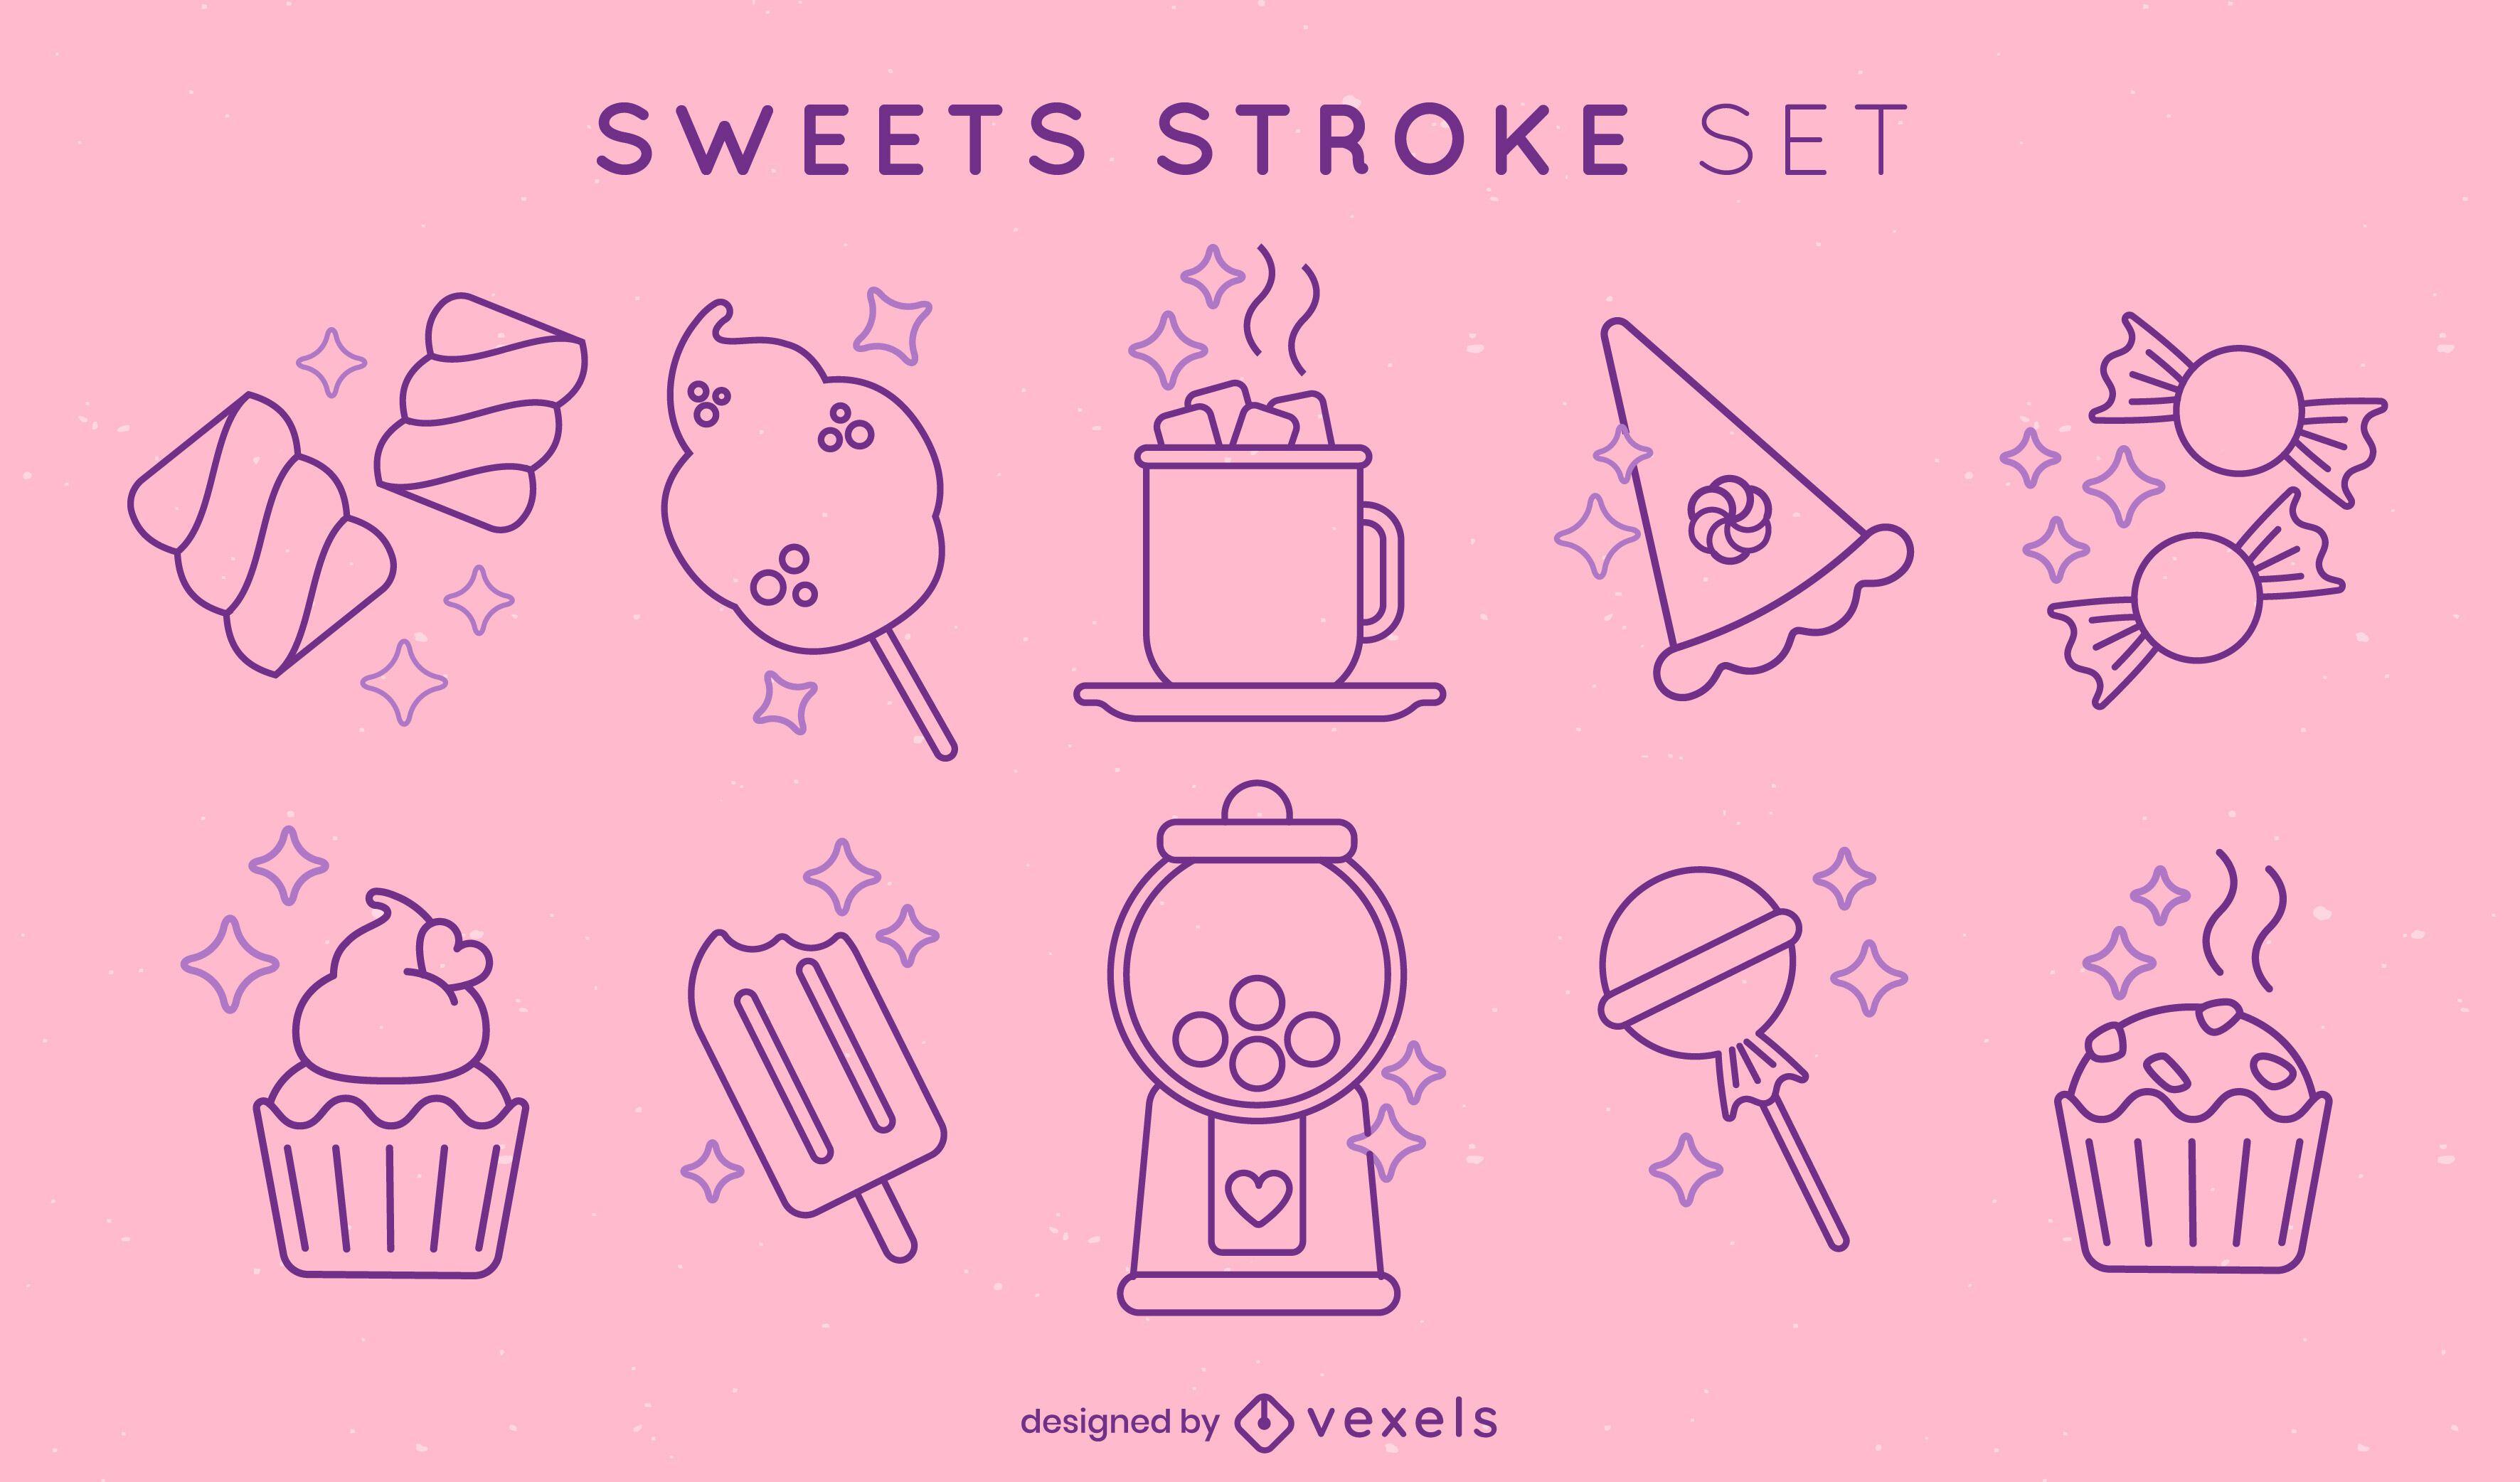 Strichelement-Set für süßes Essen und Desserts